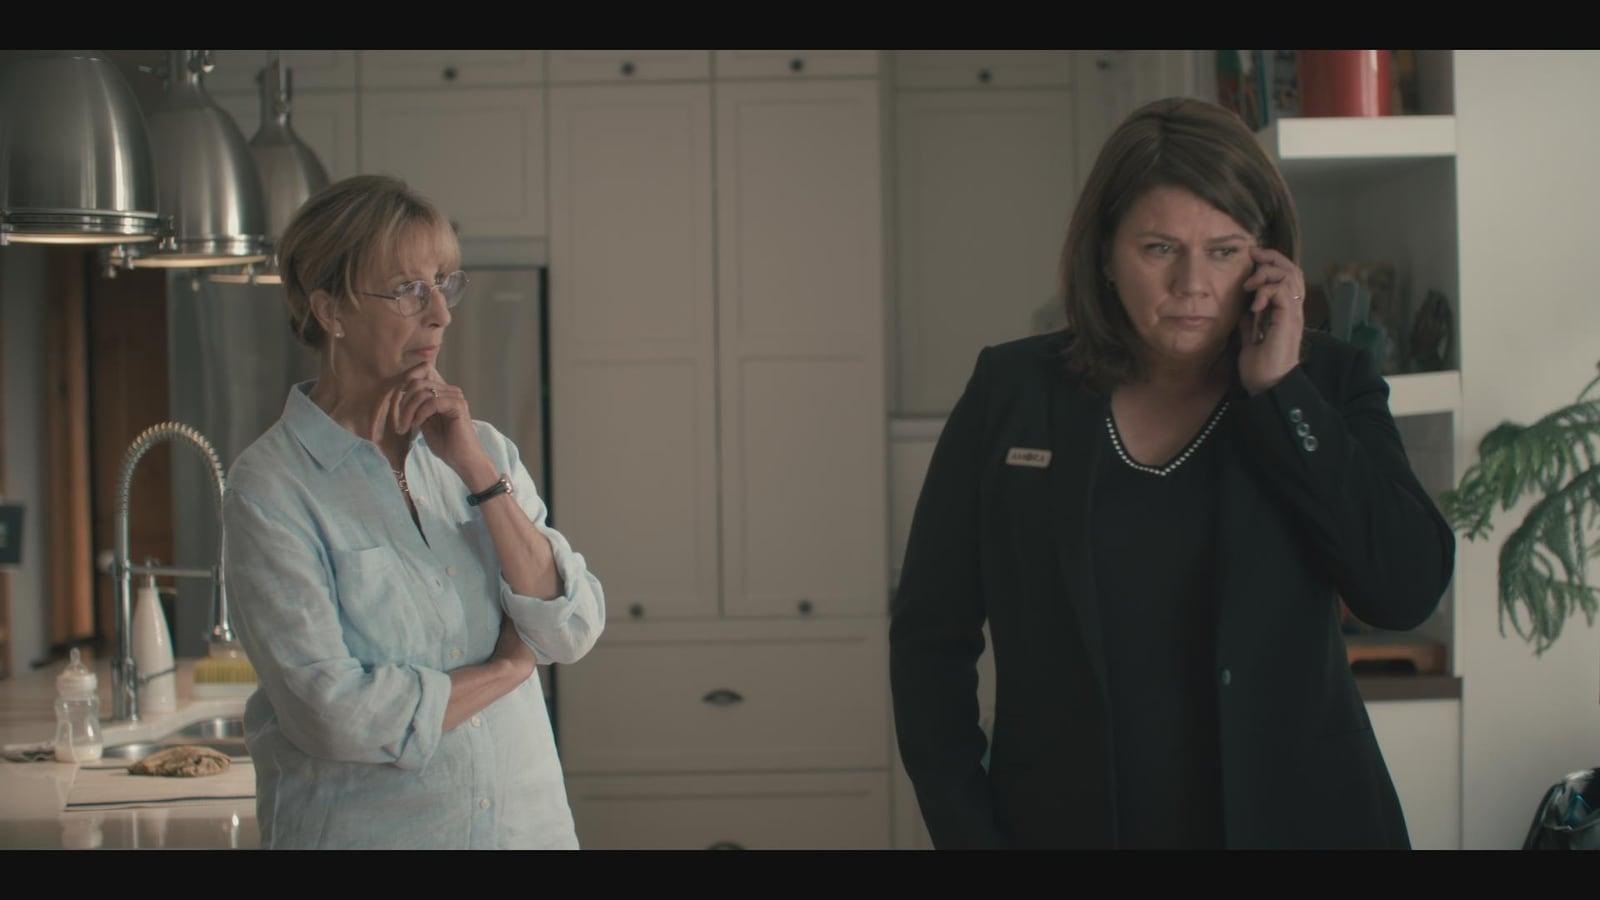 Une femme regarde l'autre qui parle au téléphone.